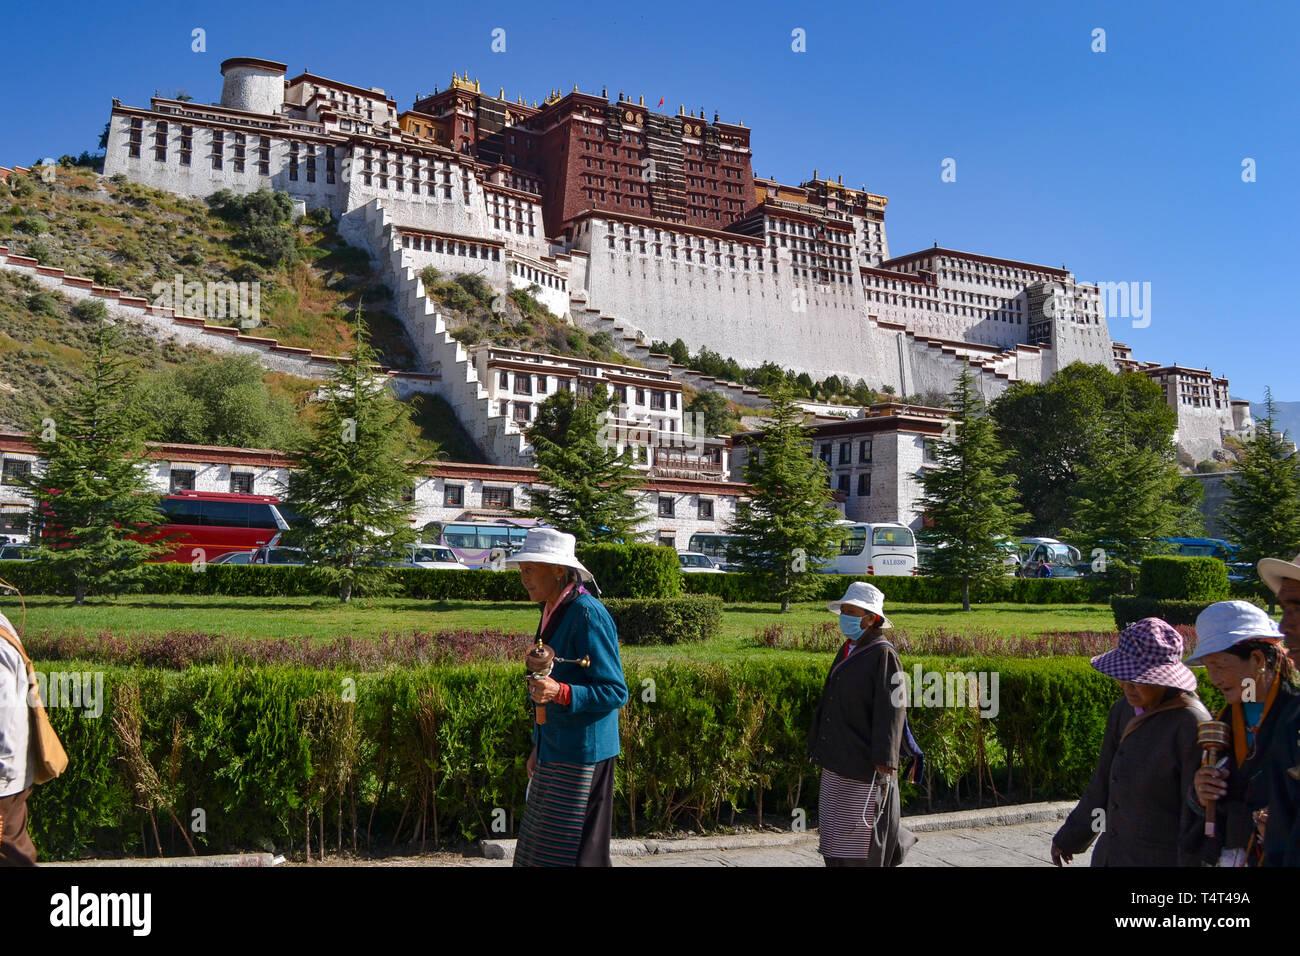 Pilgrims of Tibetan Buddhism walking in front of Potala Palace in Lhasa, Tibet - Stock Image